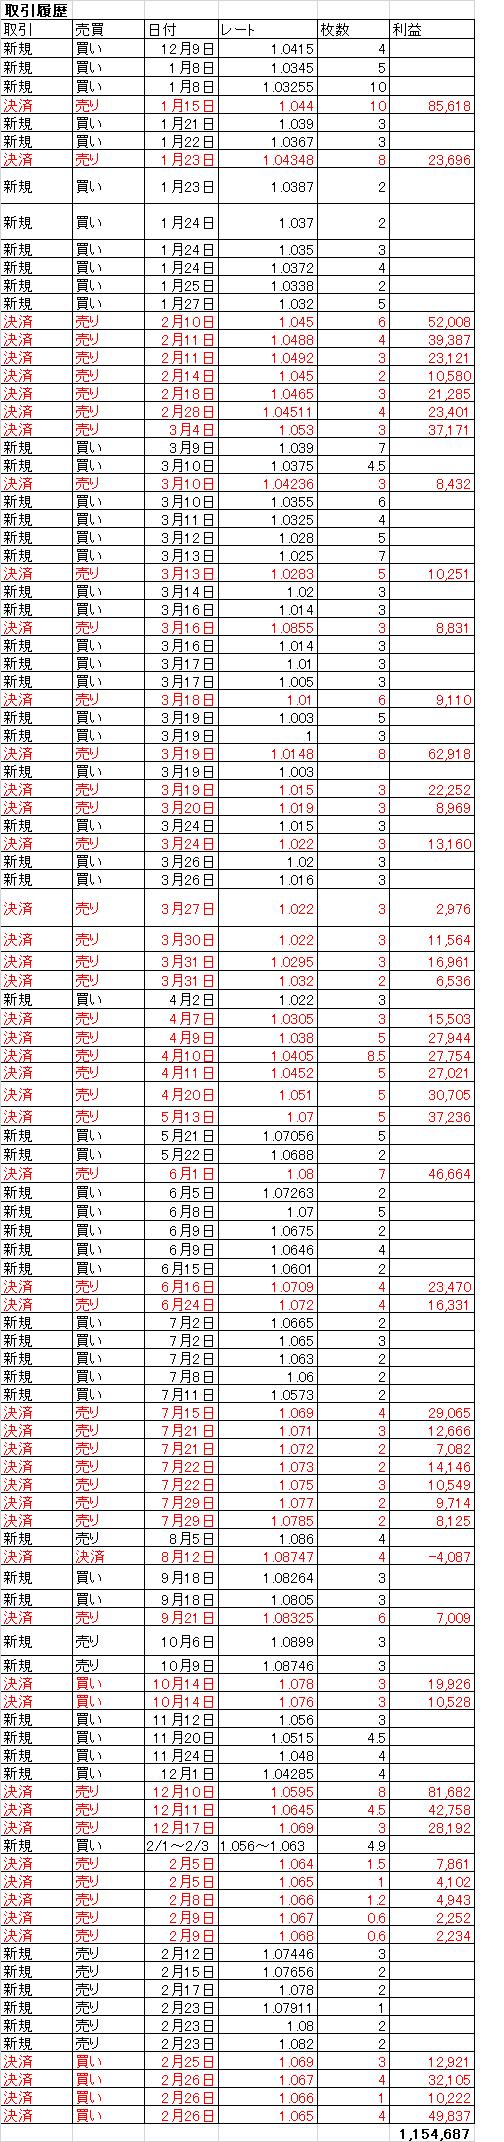 AUDNZD rireki0227-min